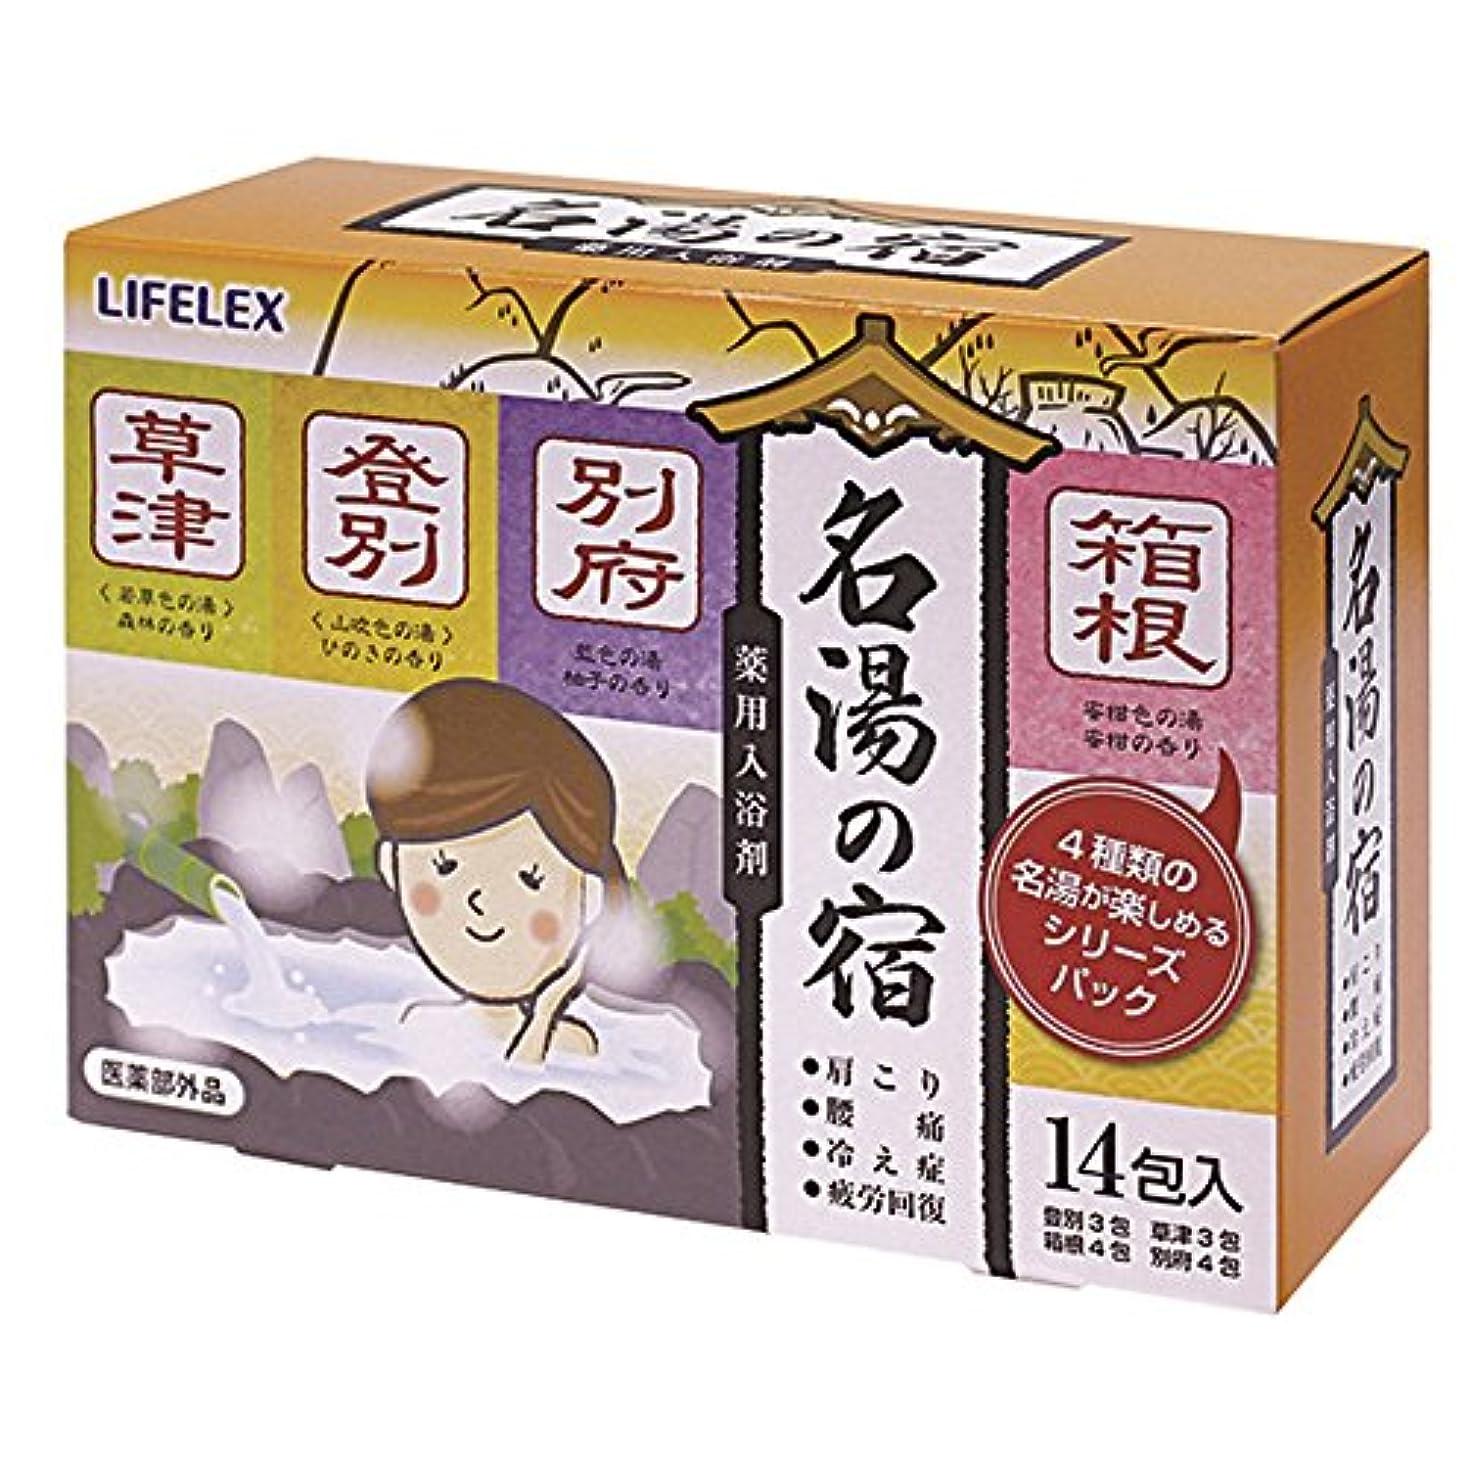 杖ケージ気を散らすコーナン オリジナル LIFELEX 名湯の宿 薬用入浴剤 14包入